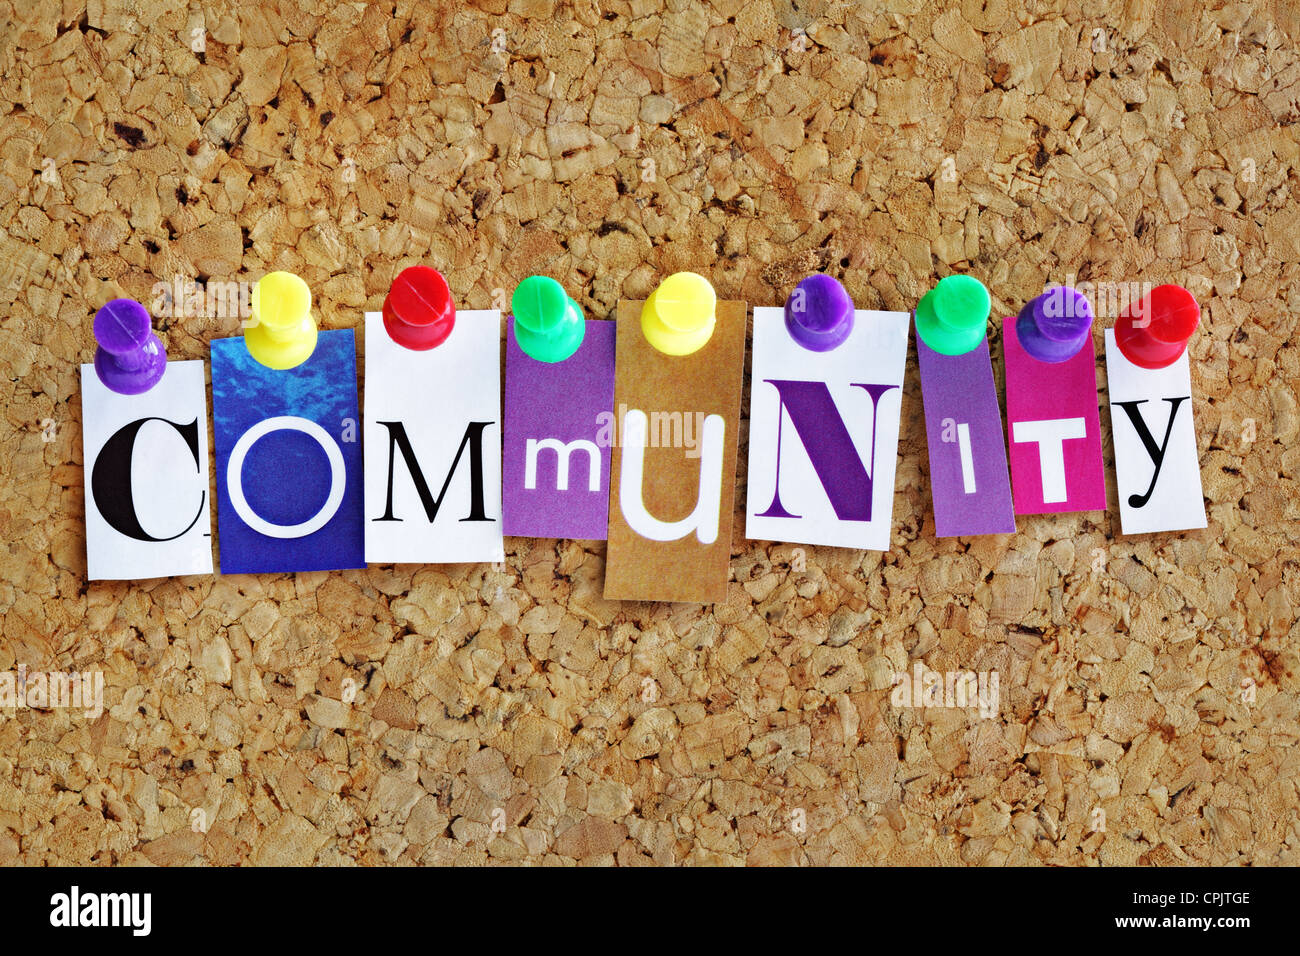 Comunidad Imagen De Stock